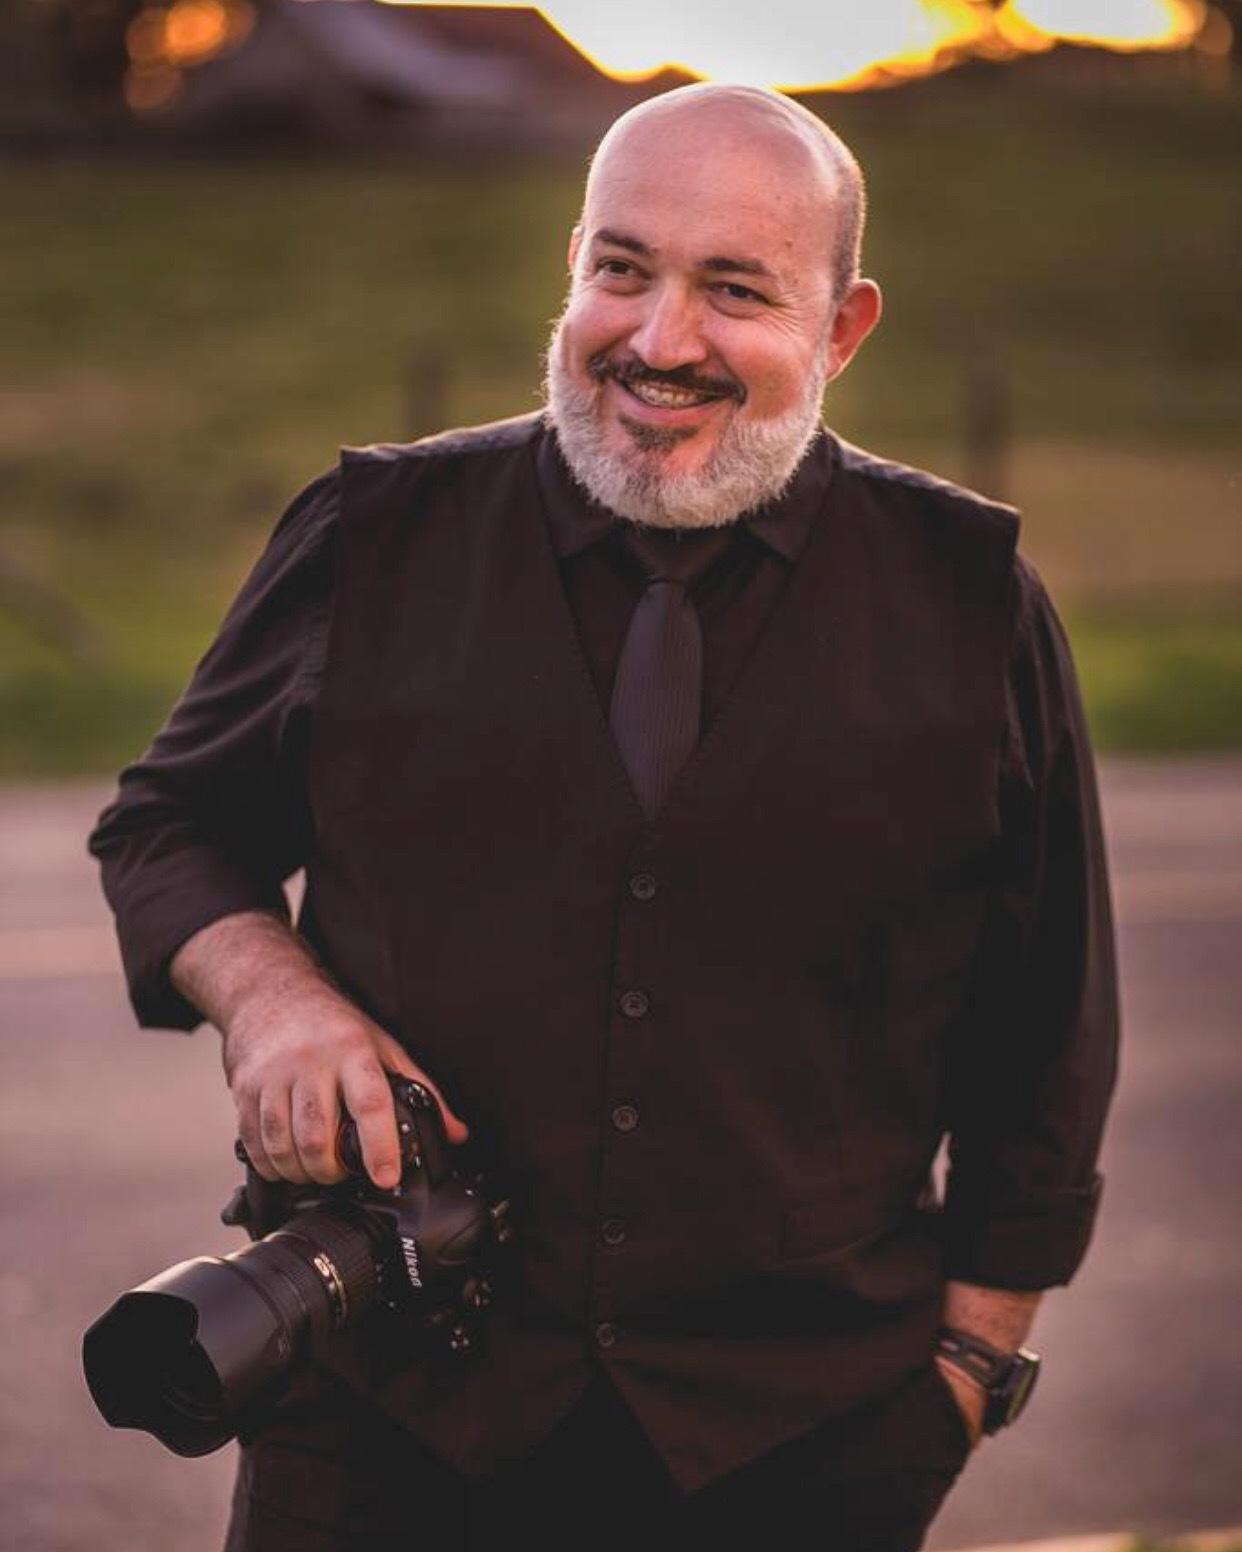 Sobre Fotógrafo de Casamento - Bento Gonçalves - Jeferson Soldi